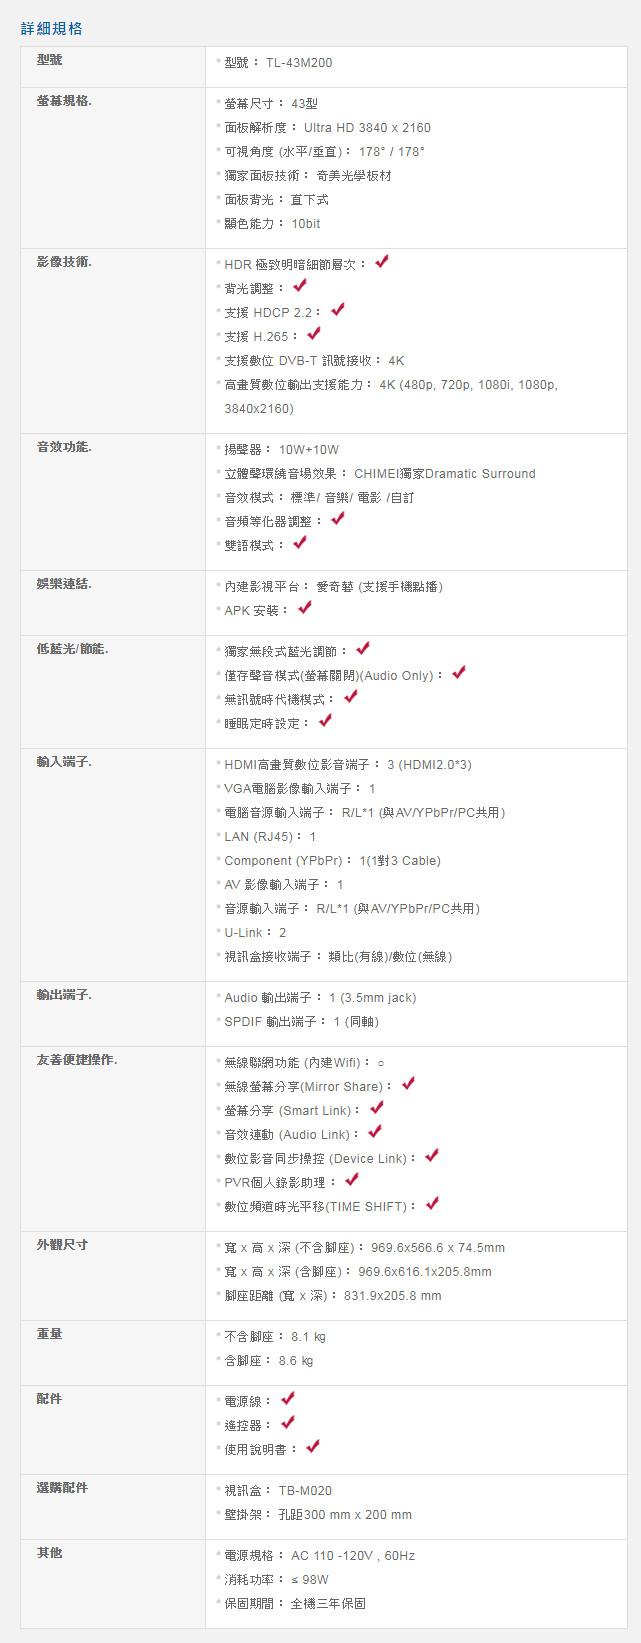 【熱賣商品英文】 奇美 CHIMEI 43吋4K聯網液晶電視 TL-43M200哪裡買